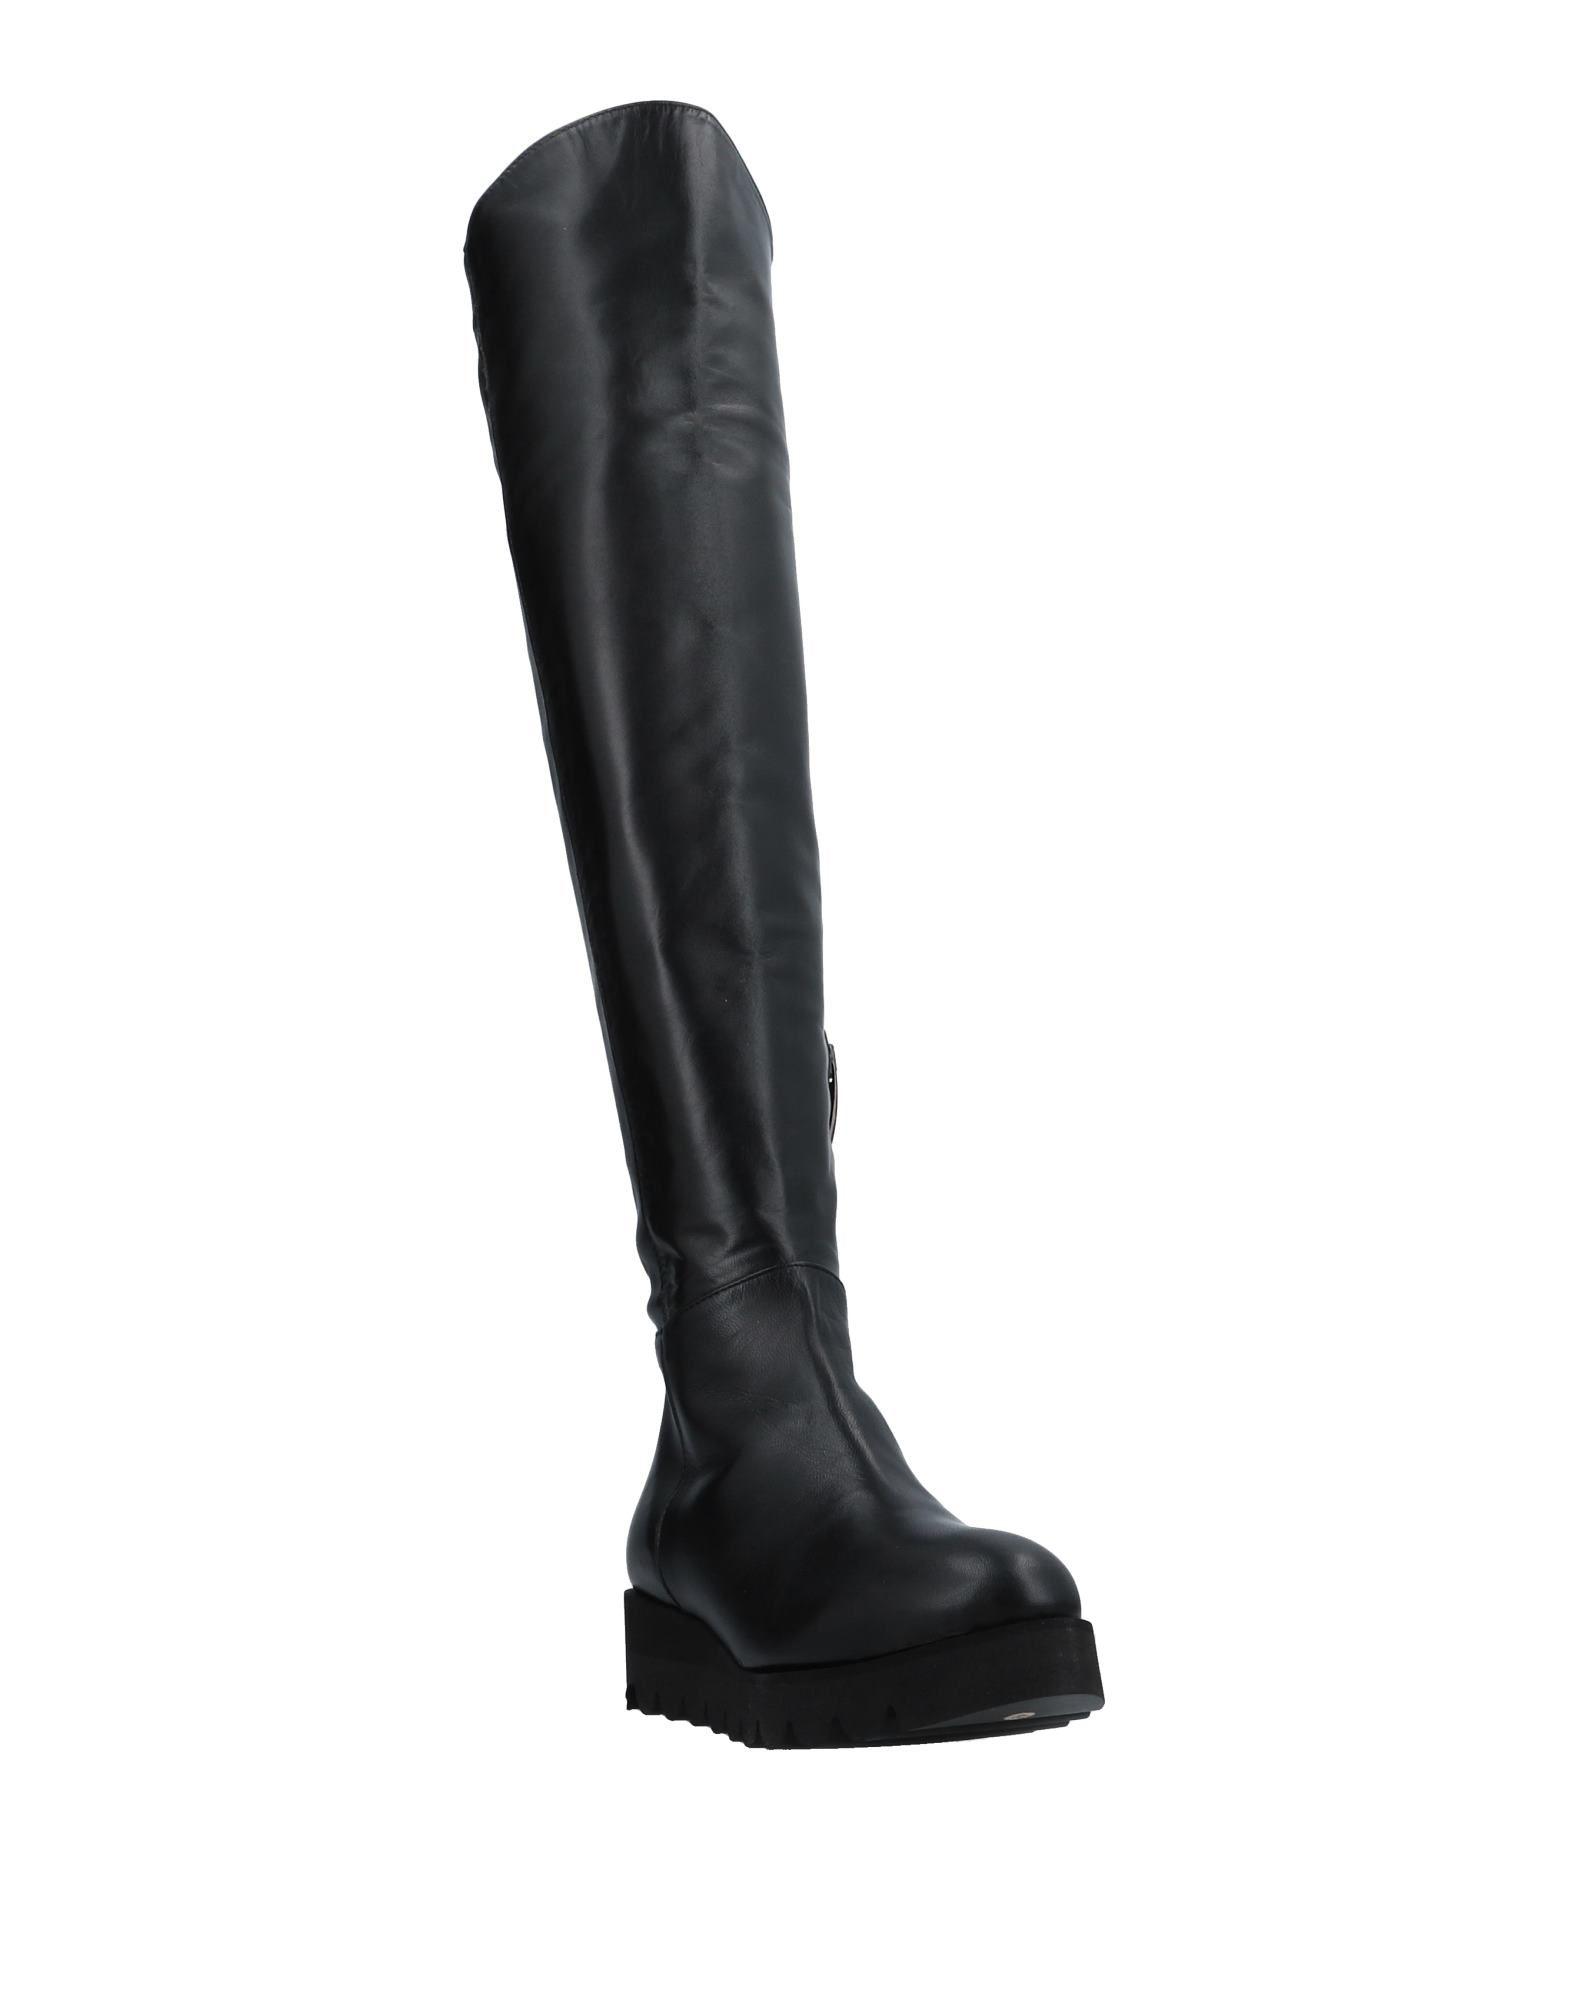 Stilvolle billige Schuhe Schuhe Schuhe Jet 11512601JT Günstige und langlebige Schuhe bf8762